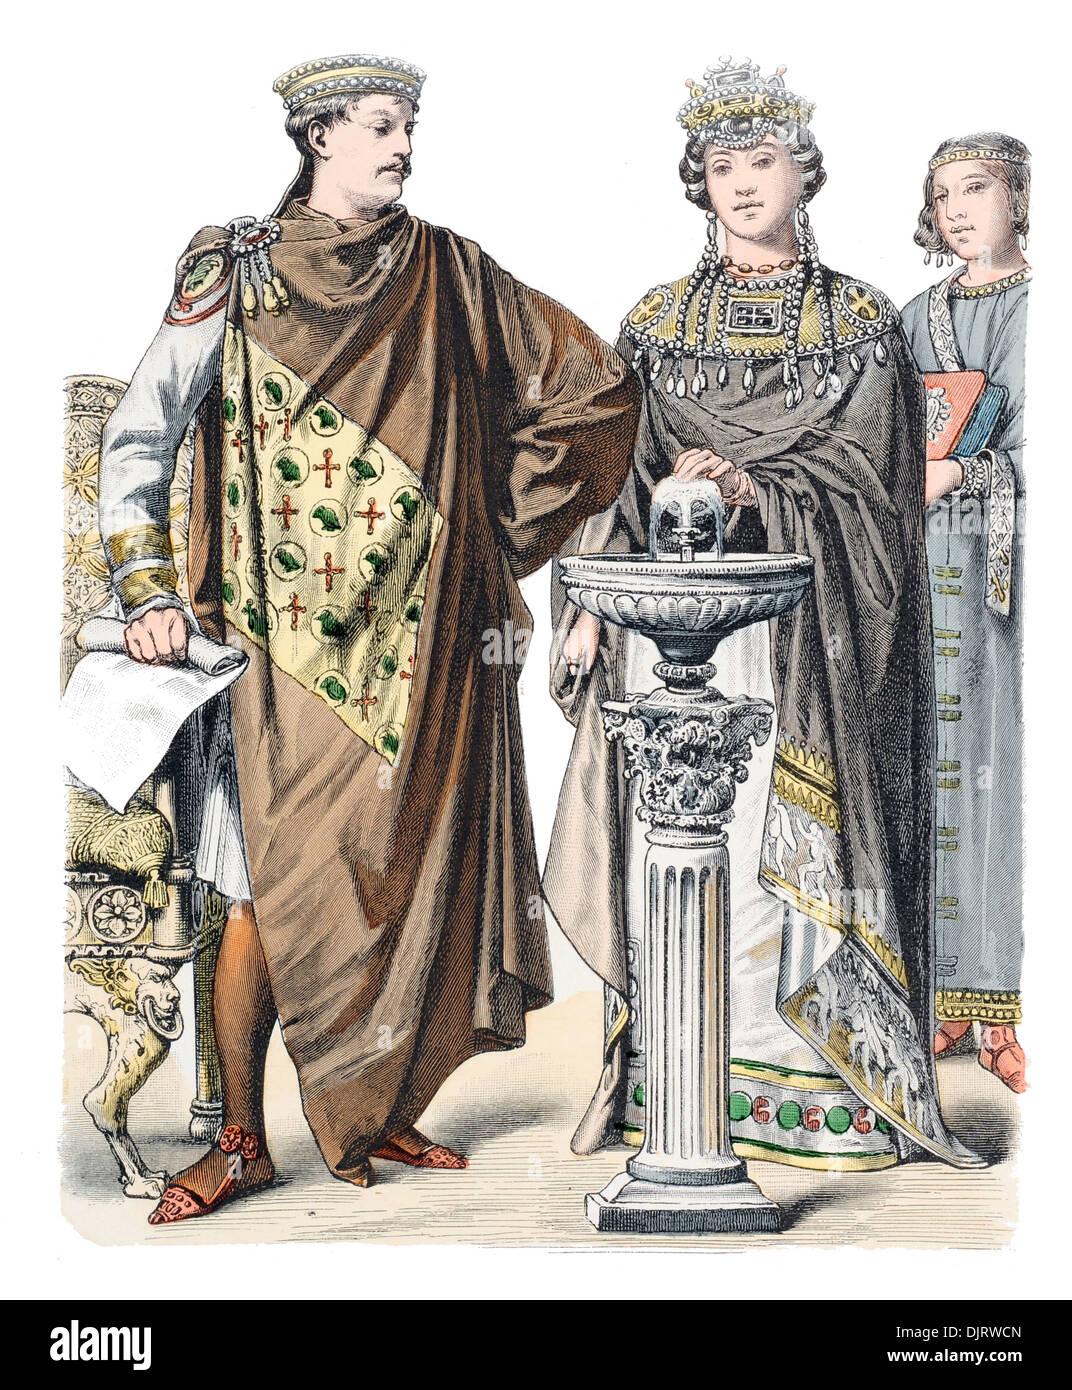 6ème siècle VI 500s Byzance est de l'Empire romain, l'empereur Justinien avec l'impératrice Théodora Photo Stock